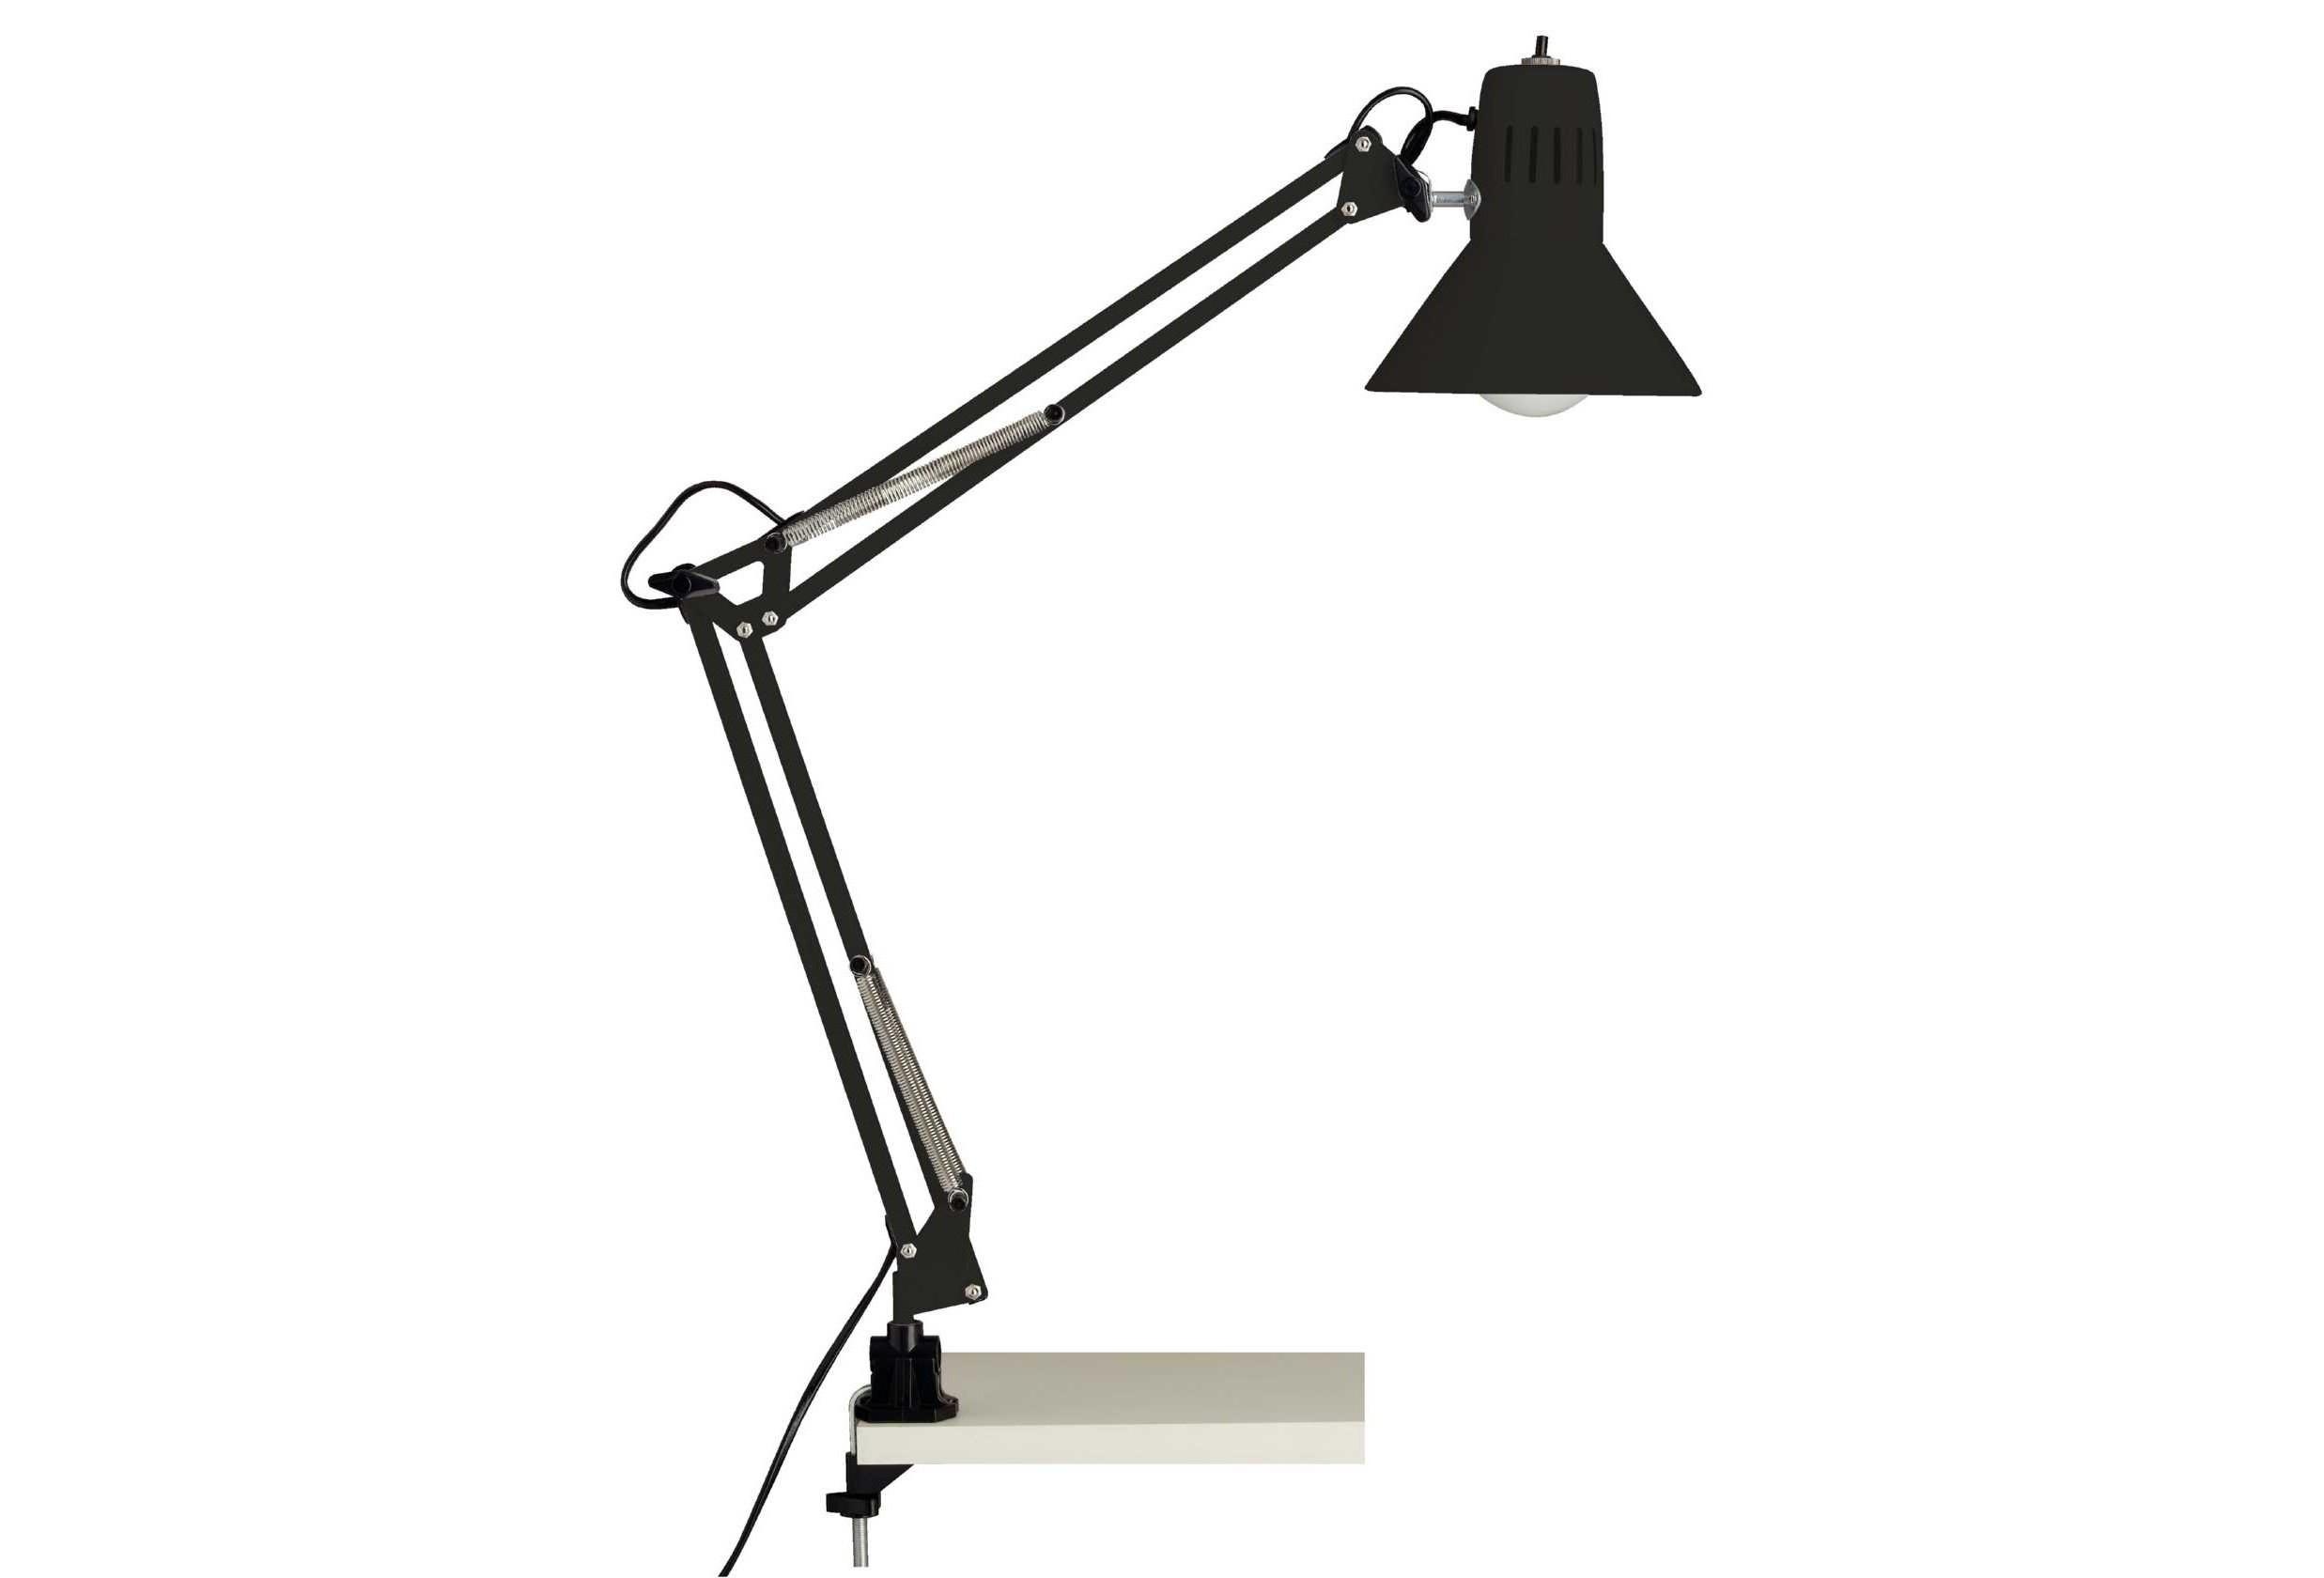 Лампа настольная HobbyНастольные лампы<br>&amp;lt;div&amp;gt;Цоколь: E27&amp;lt;/div&amp;gt;&amp;lt;div&amp;gt;Мощность лампы: 60W&amp;lt;/div&amp;gt;&amp;lt;div&amp;gt;Количество ламп: 1&amp;amp;nbsp;&amp;lt;/div&amp;gt;&amp;lt;div&amp;gt;Наличие ламп: отсутствуют&amp;lt;/div&amp;gt;<br><br>Material: Металл<br>Width см: 65<br>Depth см: 17<br>Height см: 70